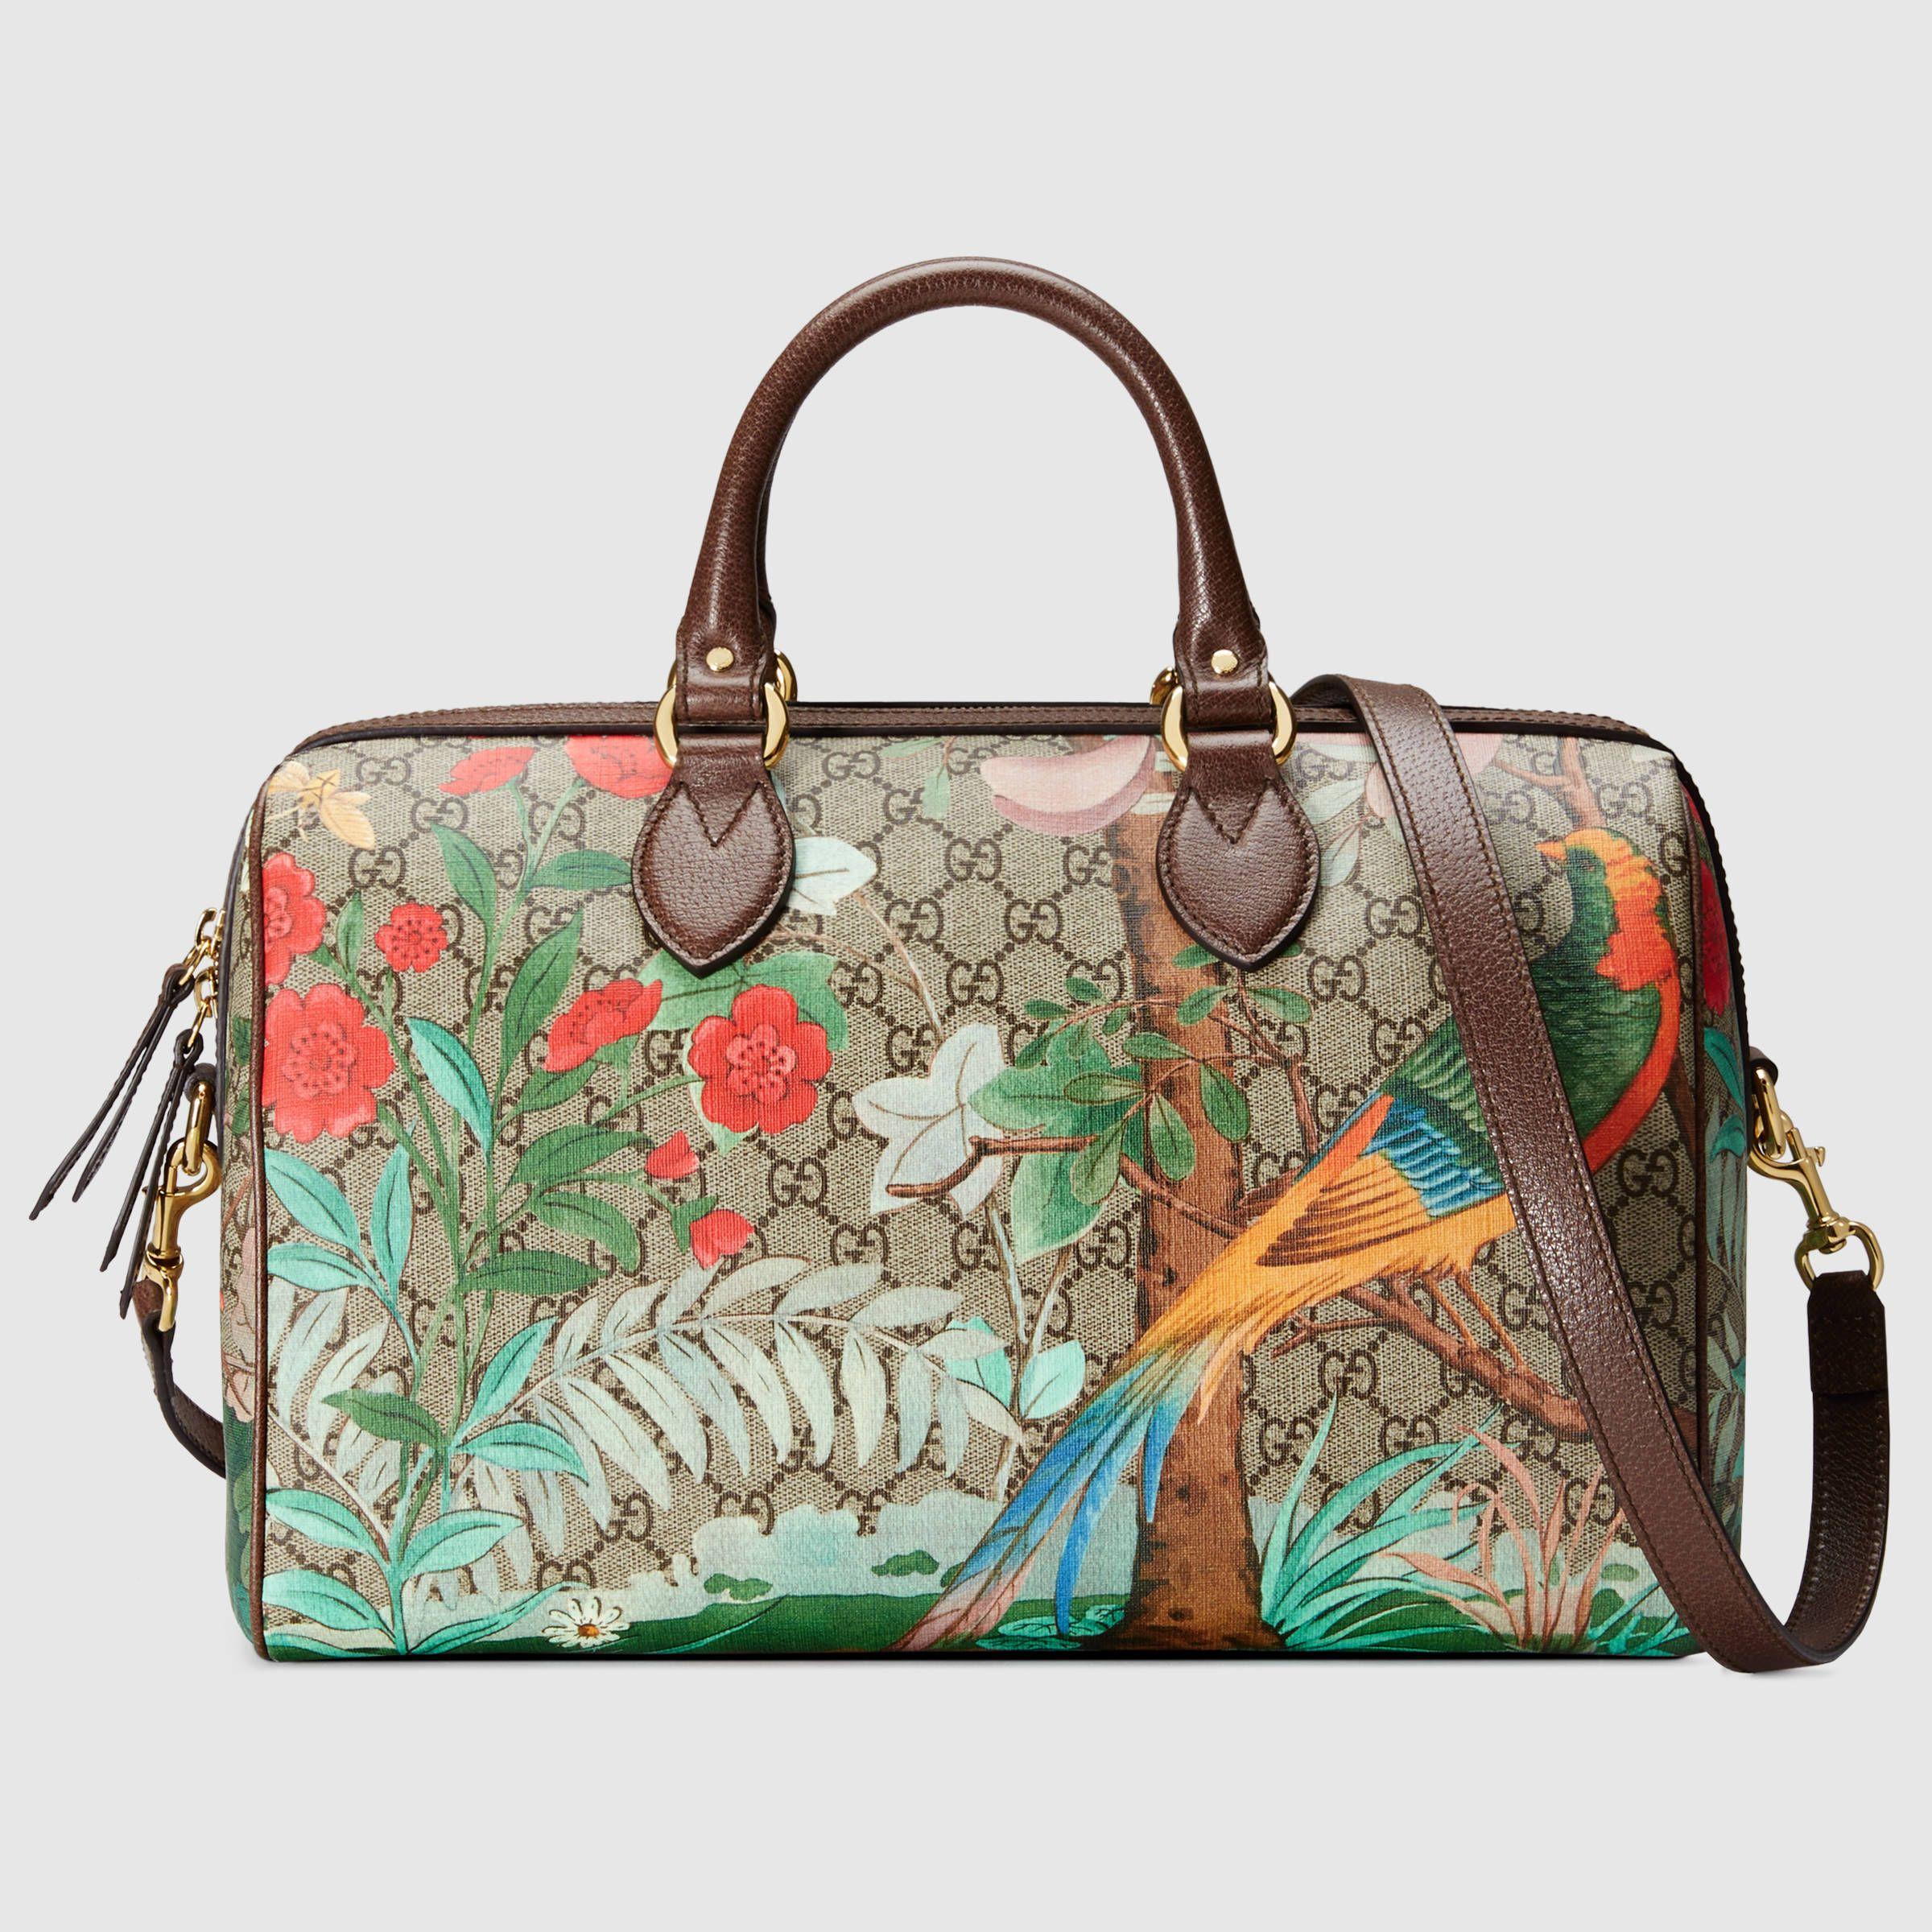 bac4915f6068 Gucci Women - Gucci Tian GG Supreme boston bag - 409527K0L2G8689 ...